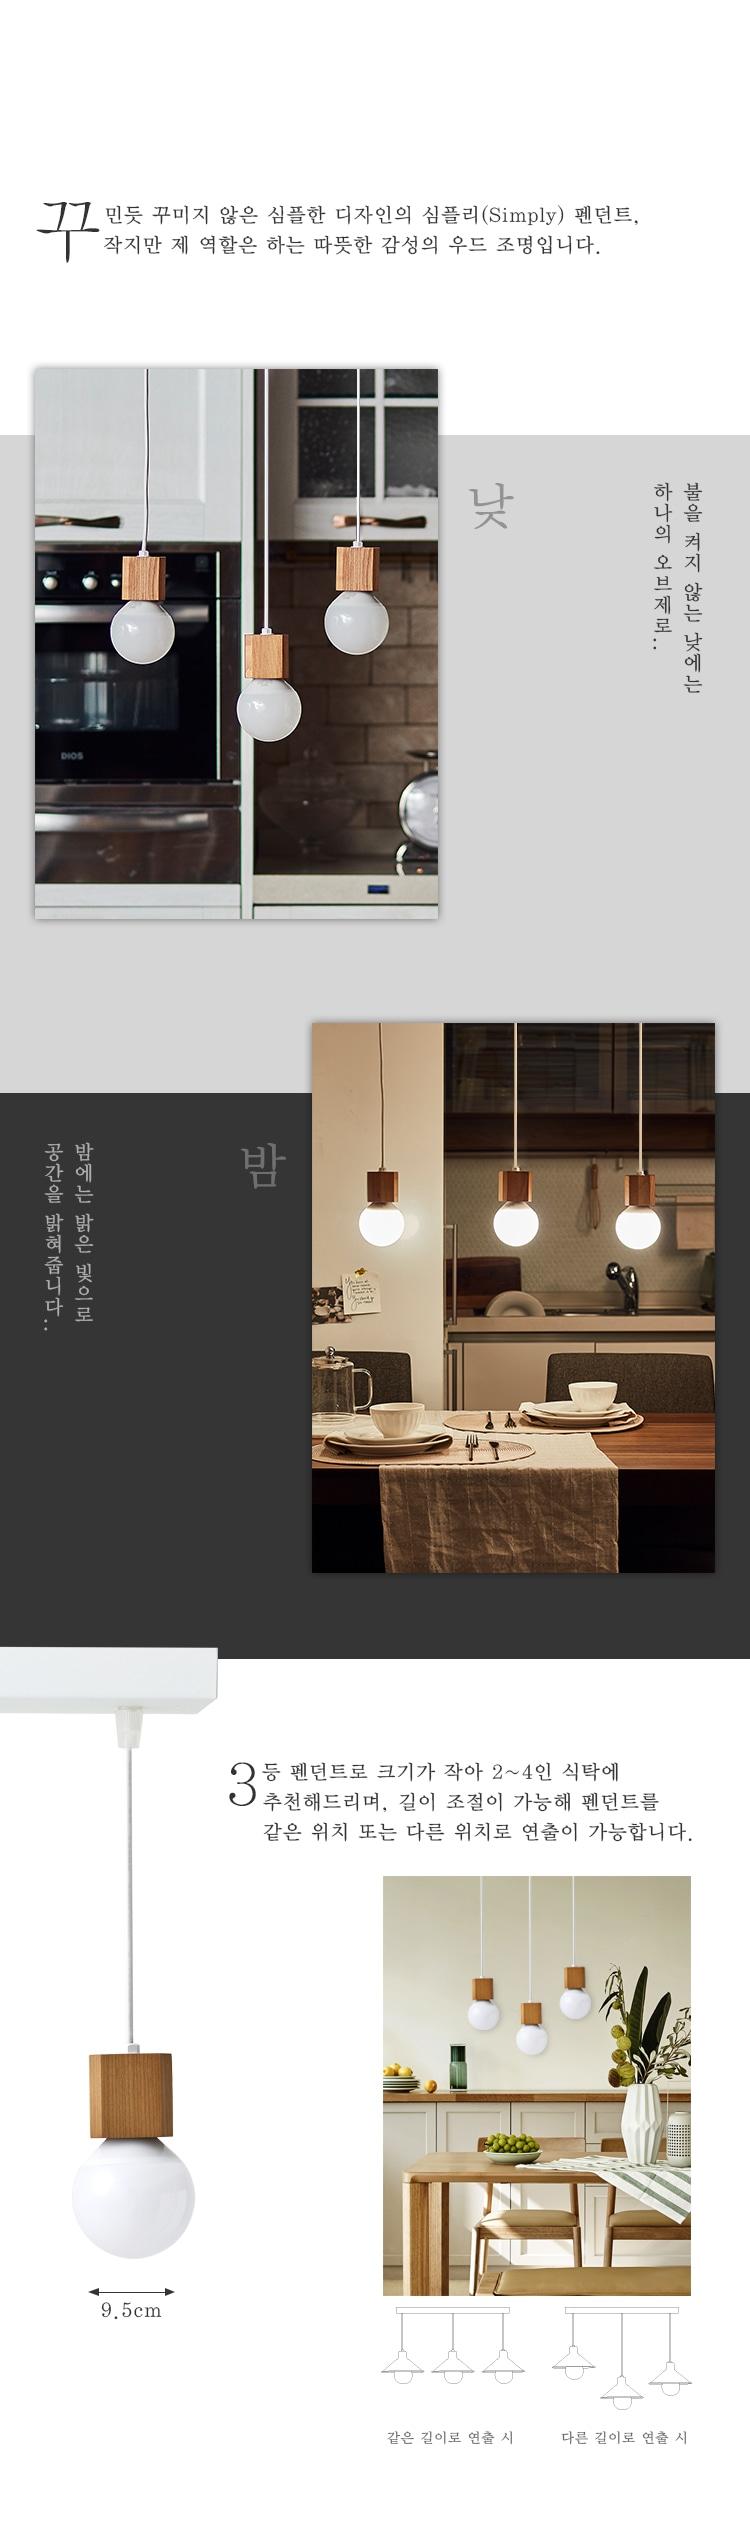 [한샘] 심플리 3등 펜던트 (일자형)(DIY) - 한샘, 109,000원, 디자인조명, 팬던트조명